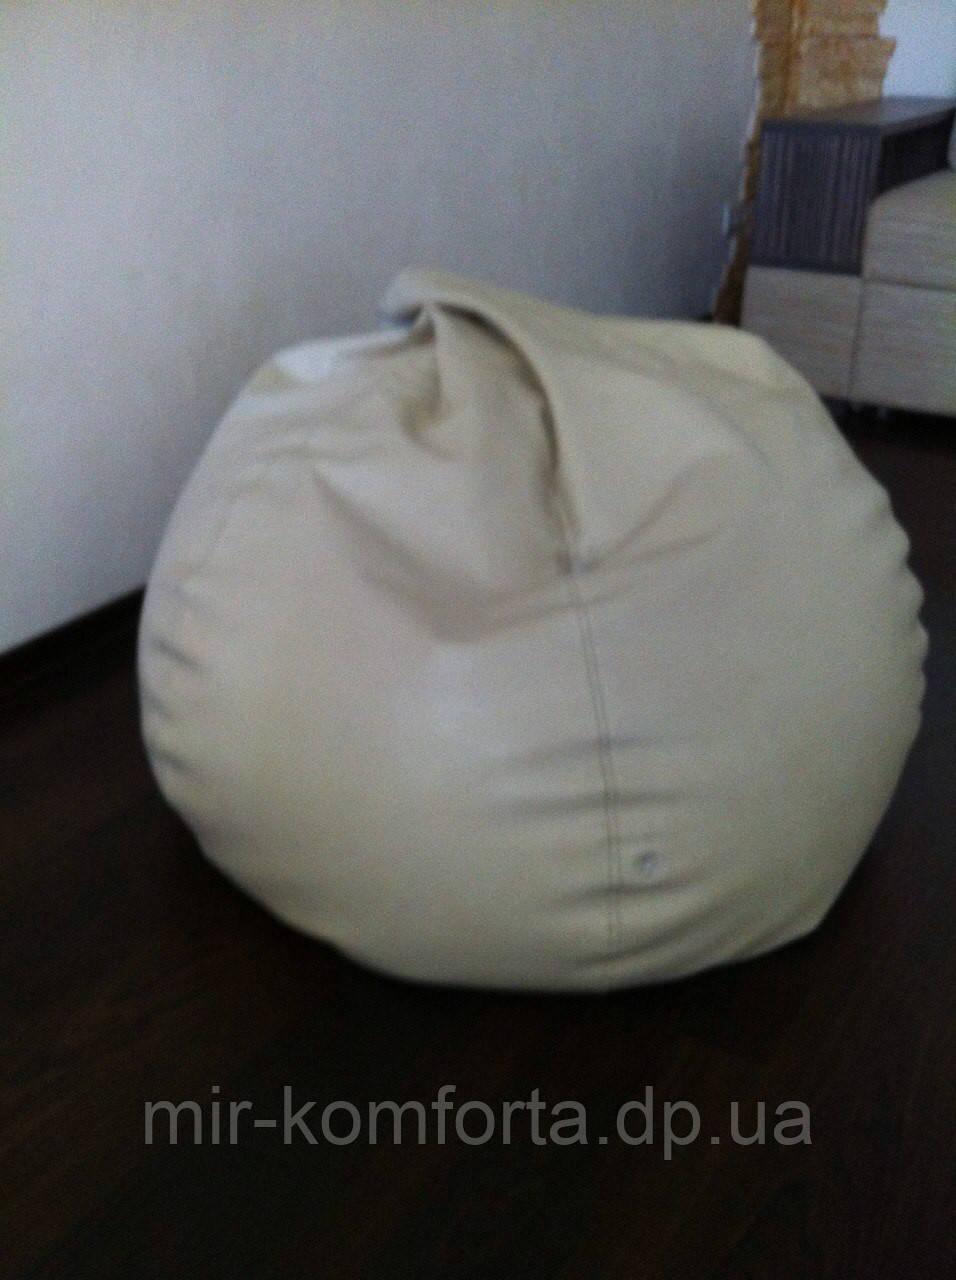 Перетяжка бескаркасной мебели